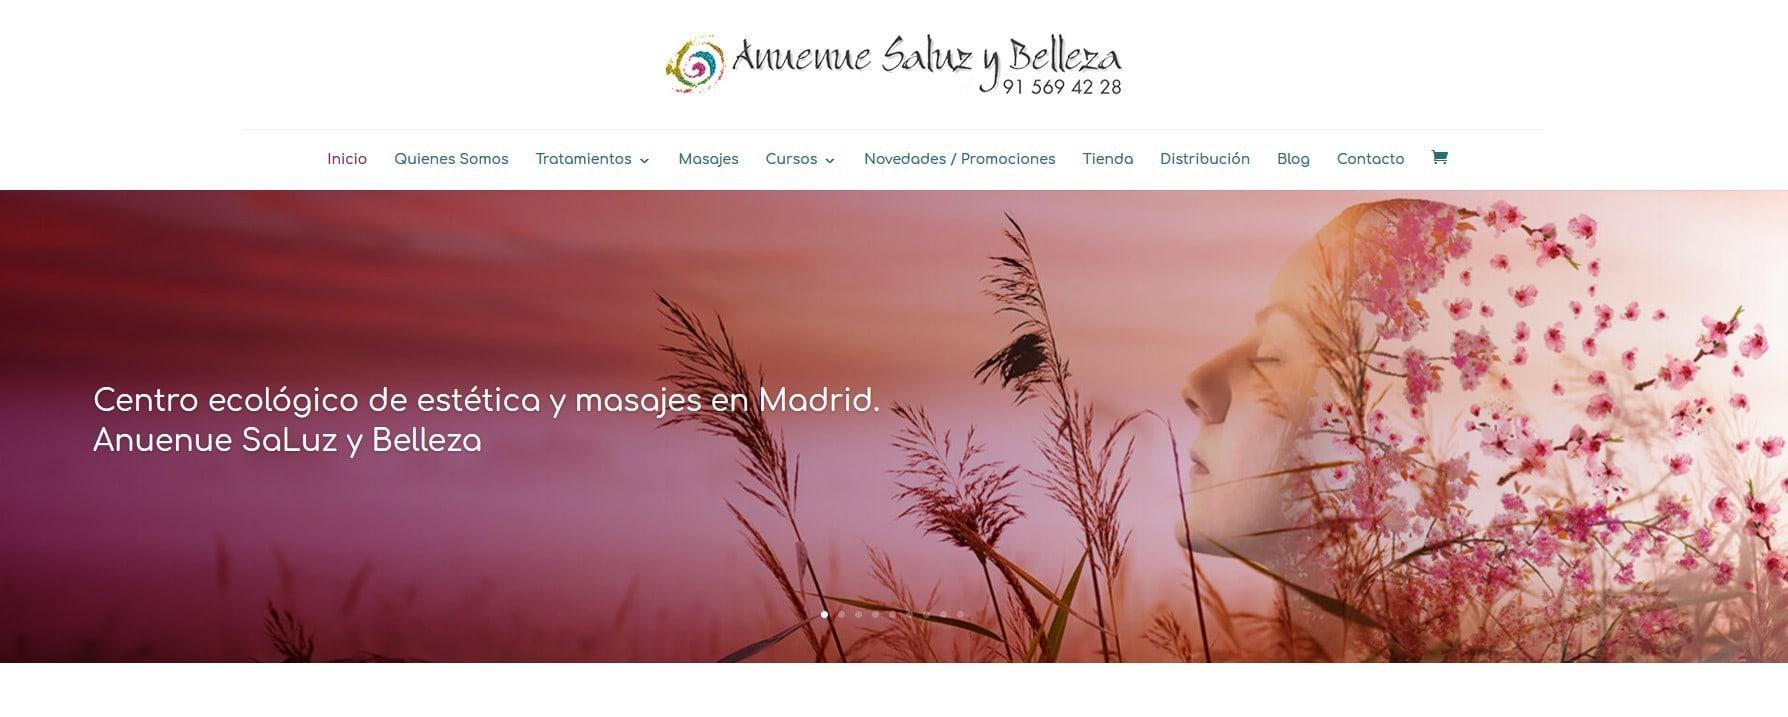 web anuenue estetica masajes Diseño paginas web